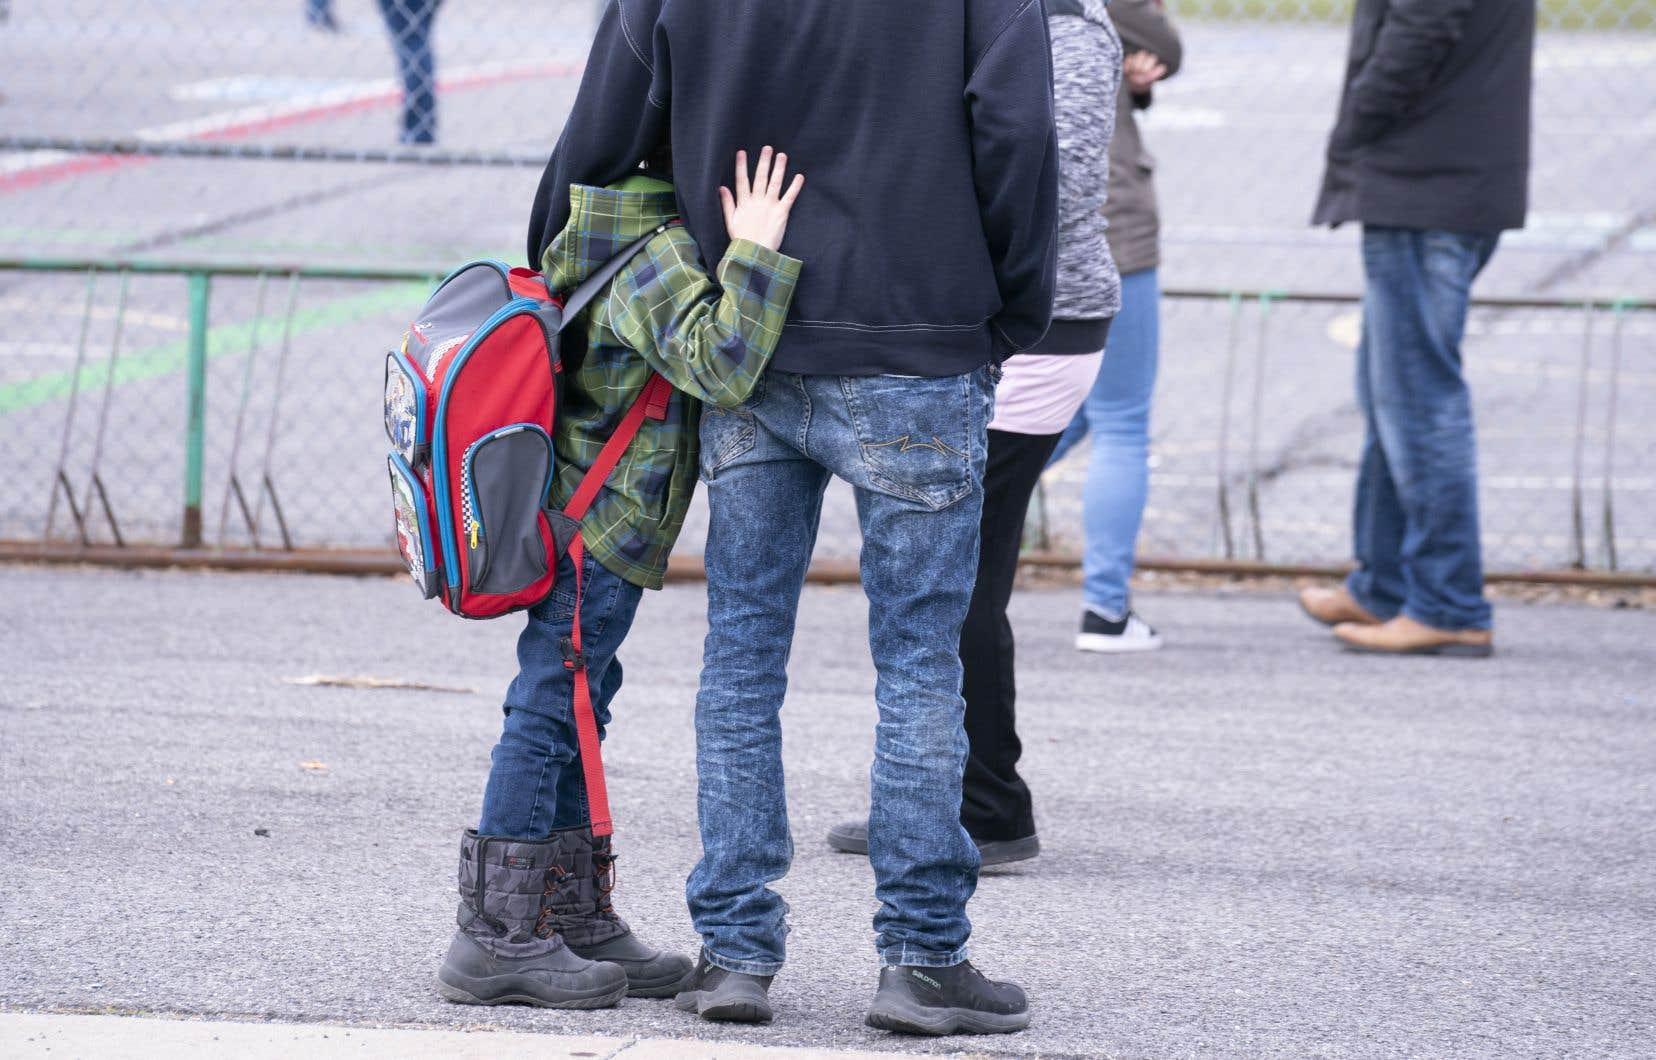 Plus de la moitié des enfants québécois (54%) disent avoir hâte de retourner à l'école, tandis que 30% sont nerveux et angoissés devant cette perspective.